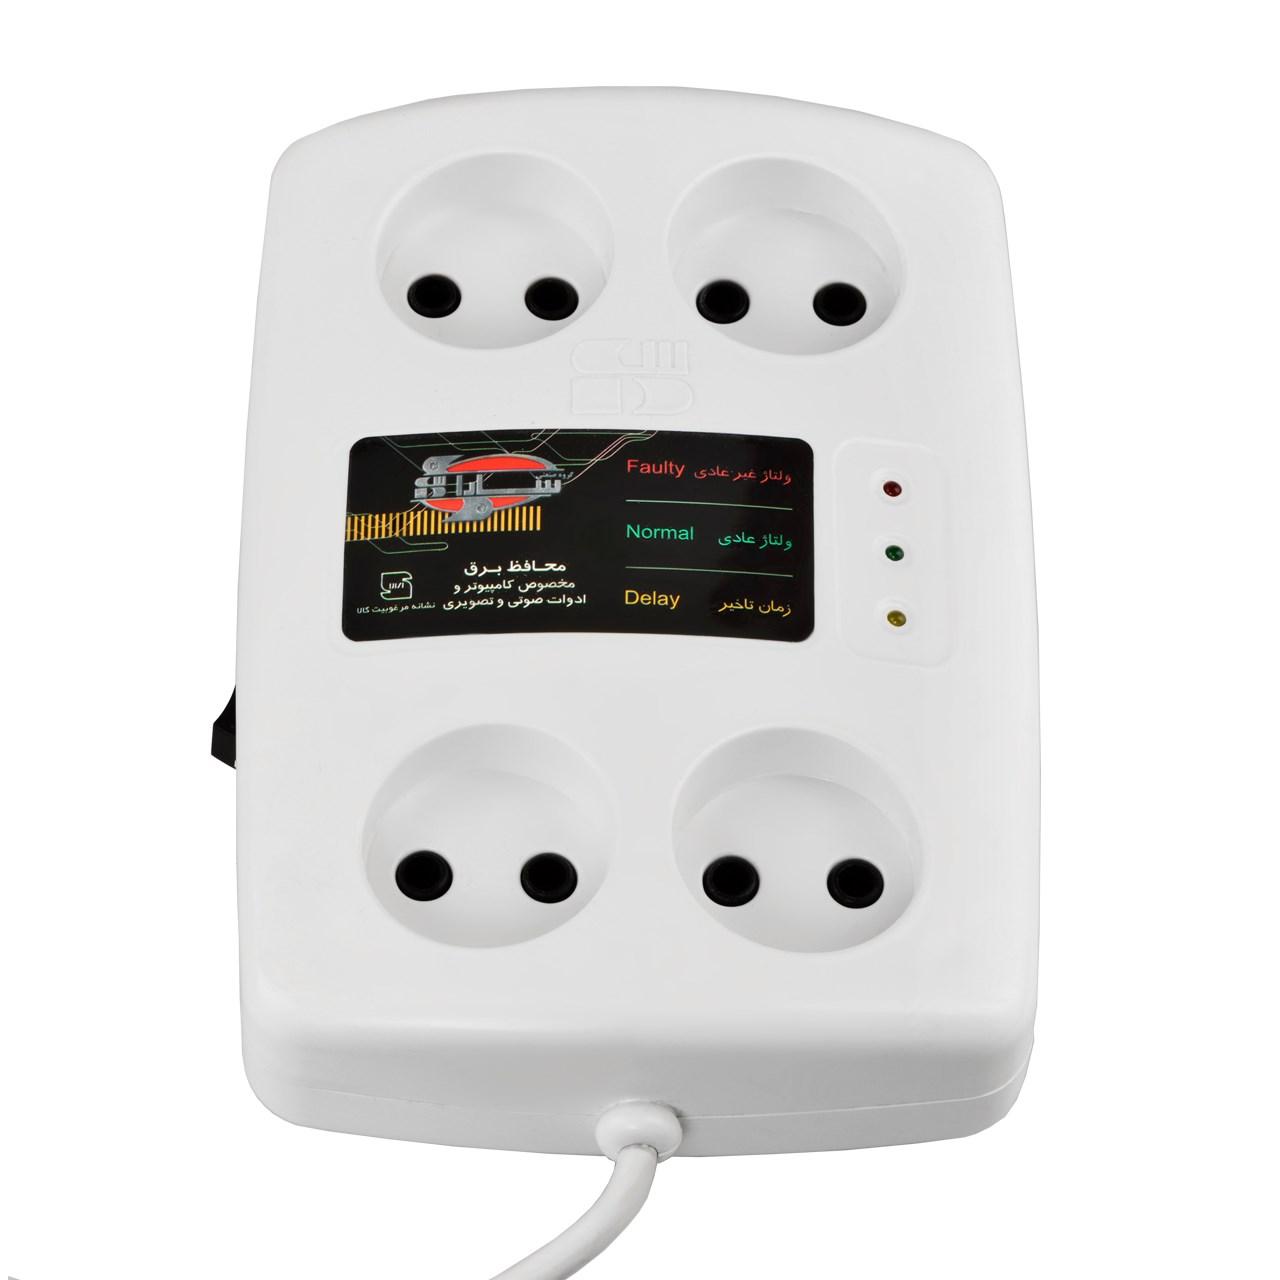 خرید اینترنتی محافظ ولتاژ سارا مدل P152S مناسب برای تلویزیون و کامپیوتر به طول 3 متر اورجینال